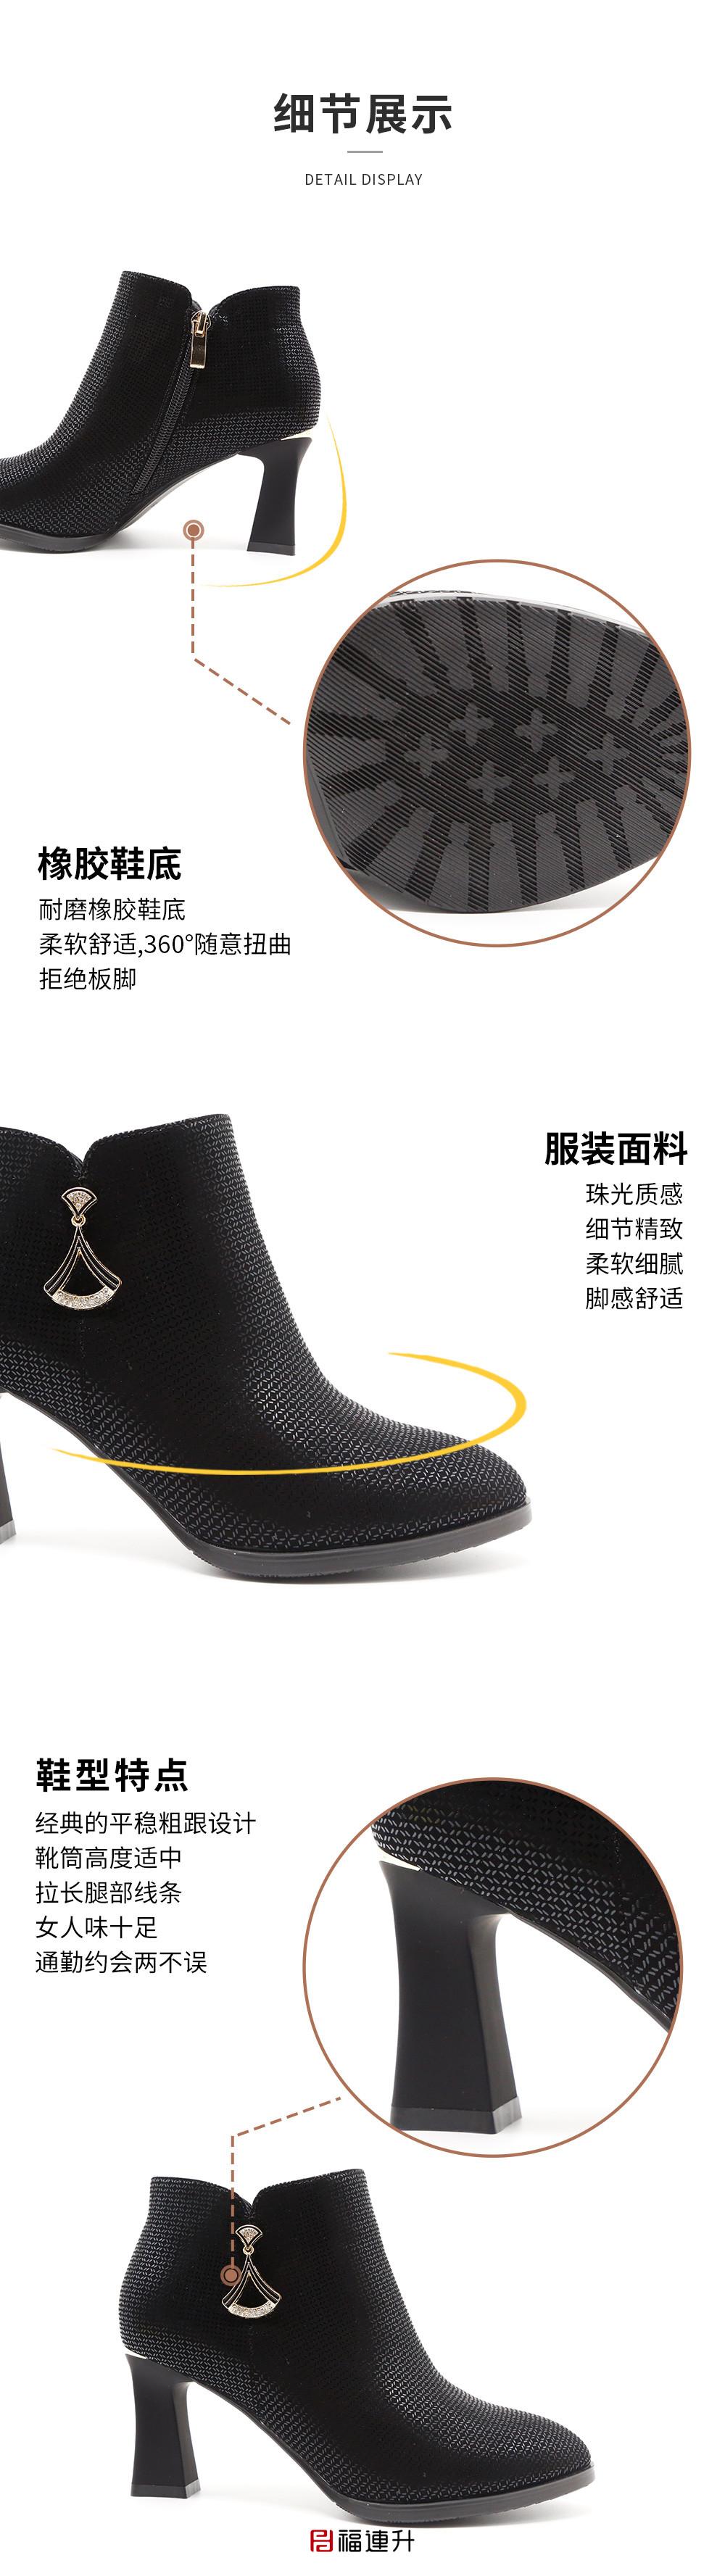 福连升老北京布鞋时尚细跟中跟女短靴单靴女鞋图片